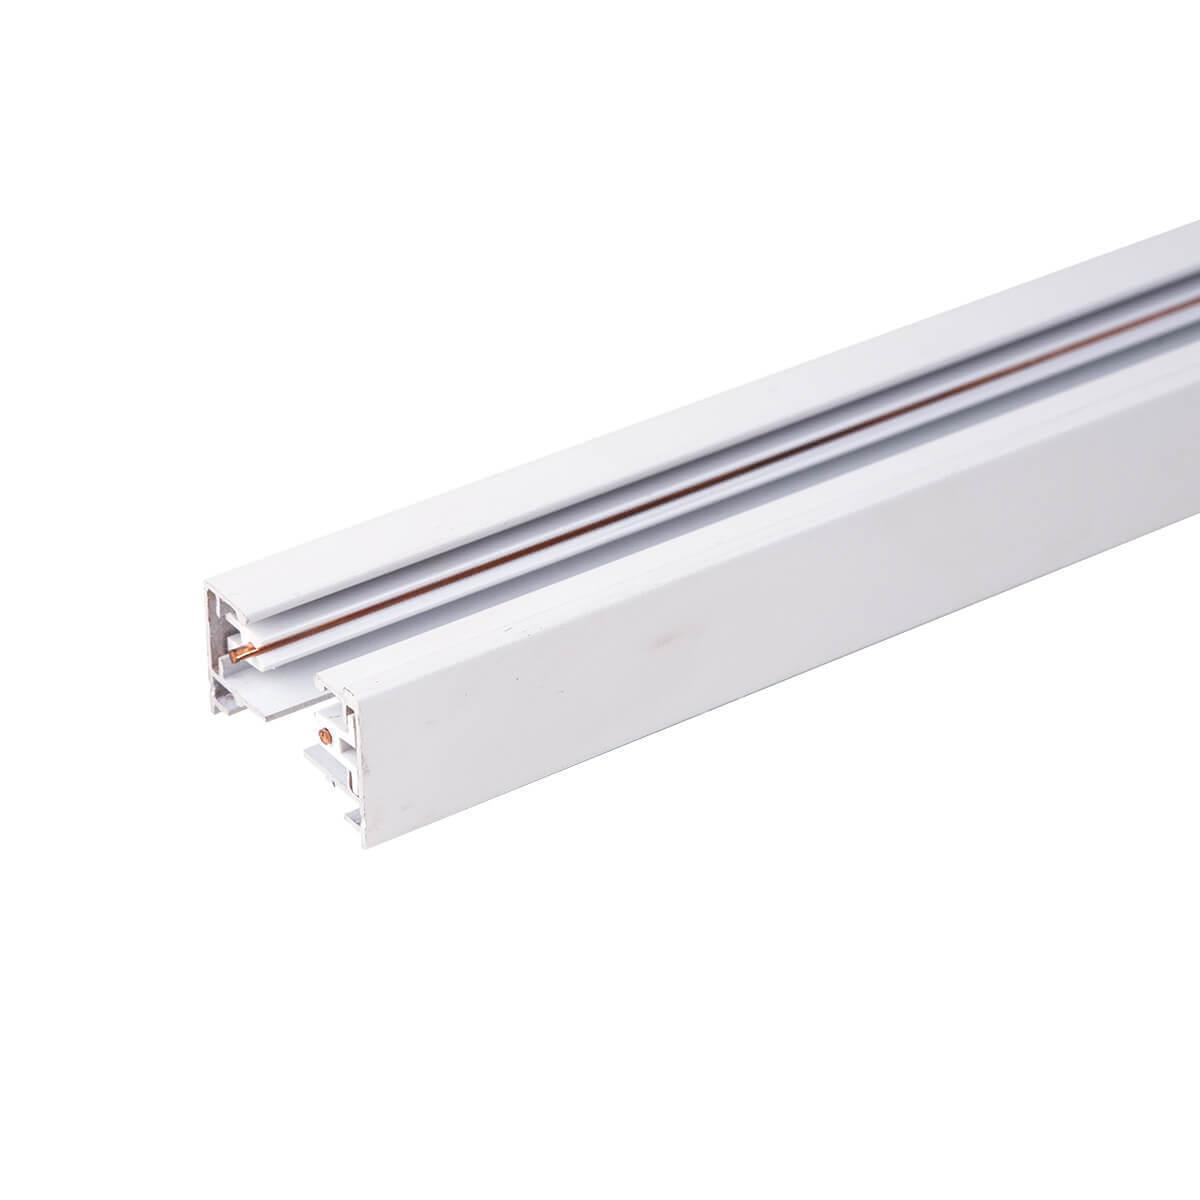 Шинопровод Elektrostandard 4690389112584 TRL-1-1 шинопровод elektrostandard 4690389134302 trl 1 1